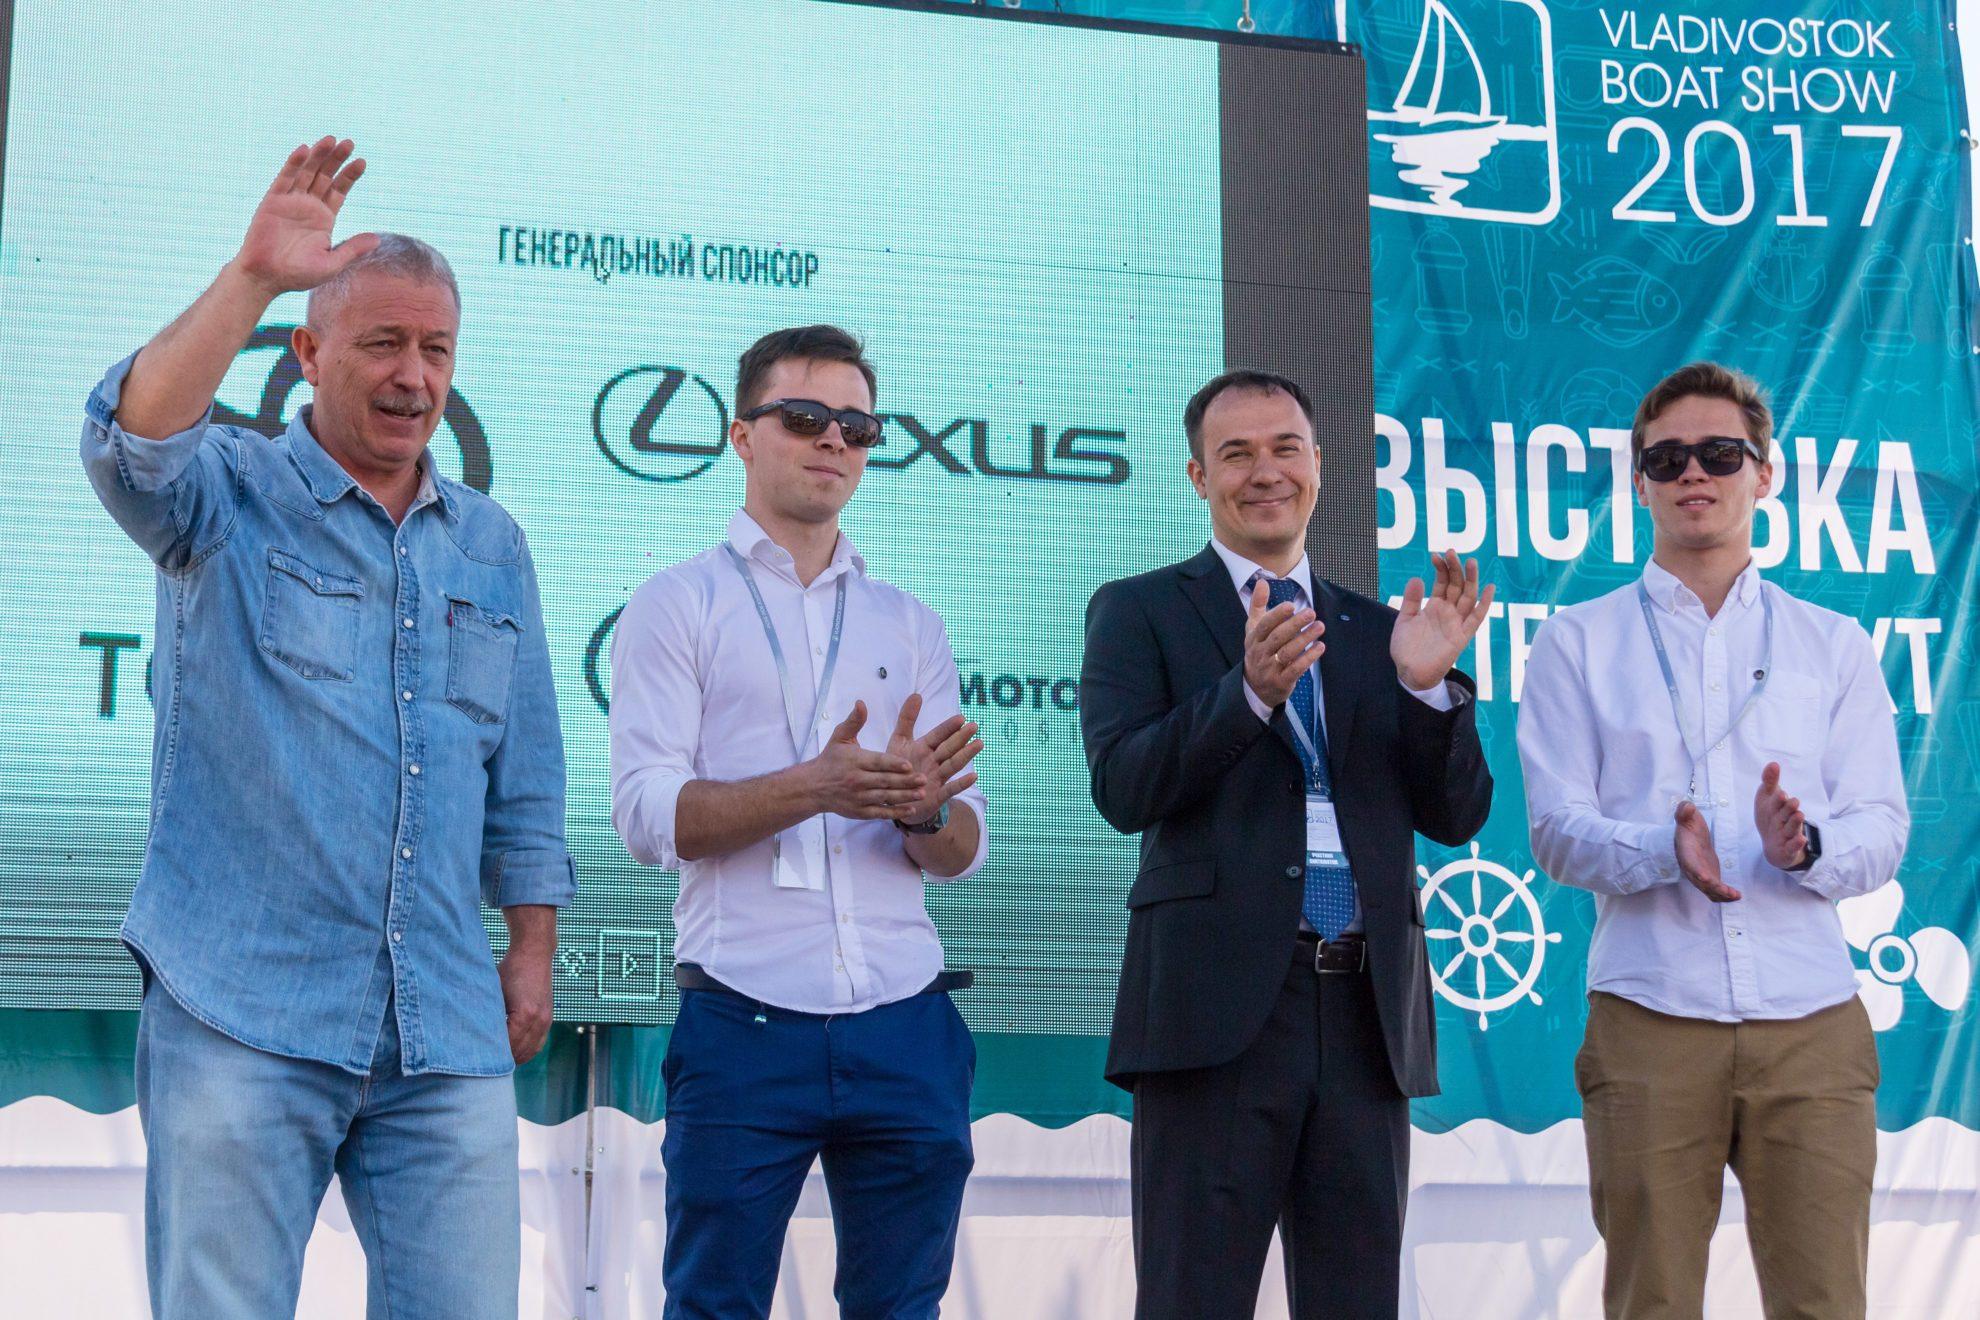 Vladivostok Boat Show 2017: как прошло мероприятие в этом году